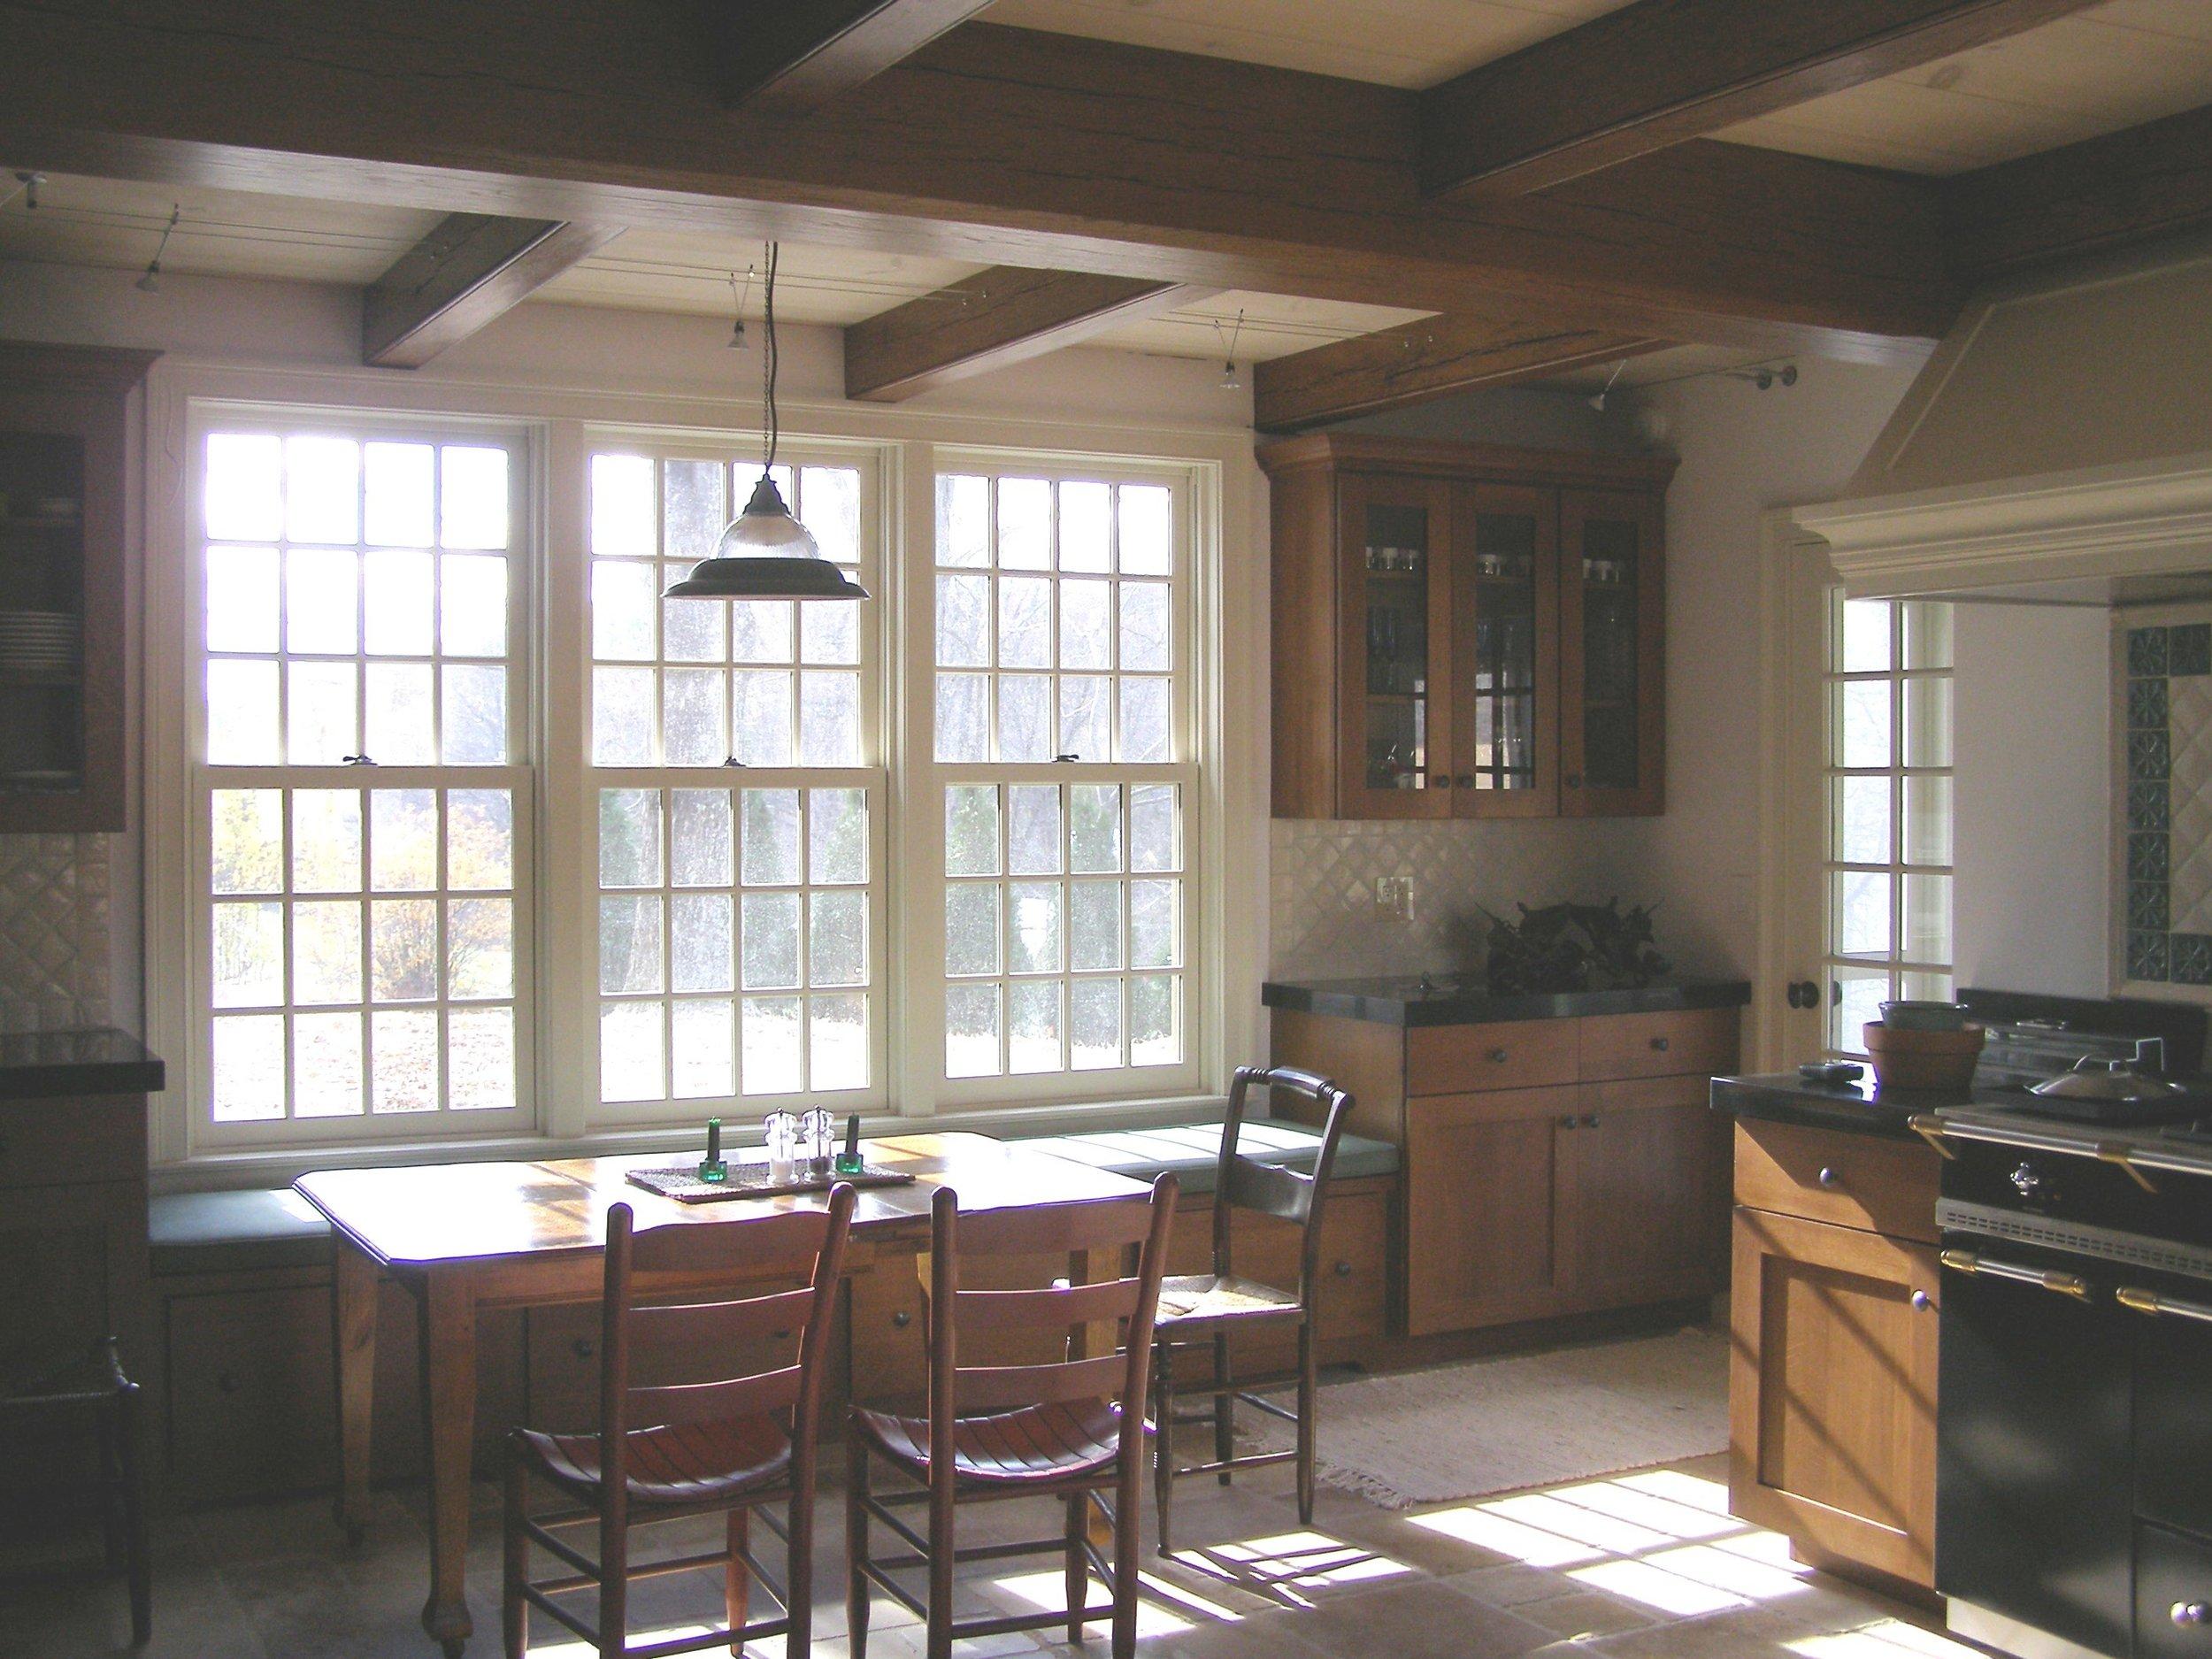 Historic Stone House Renovation - Accord, NY